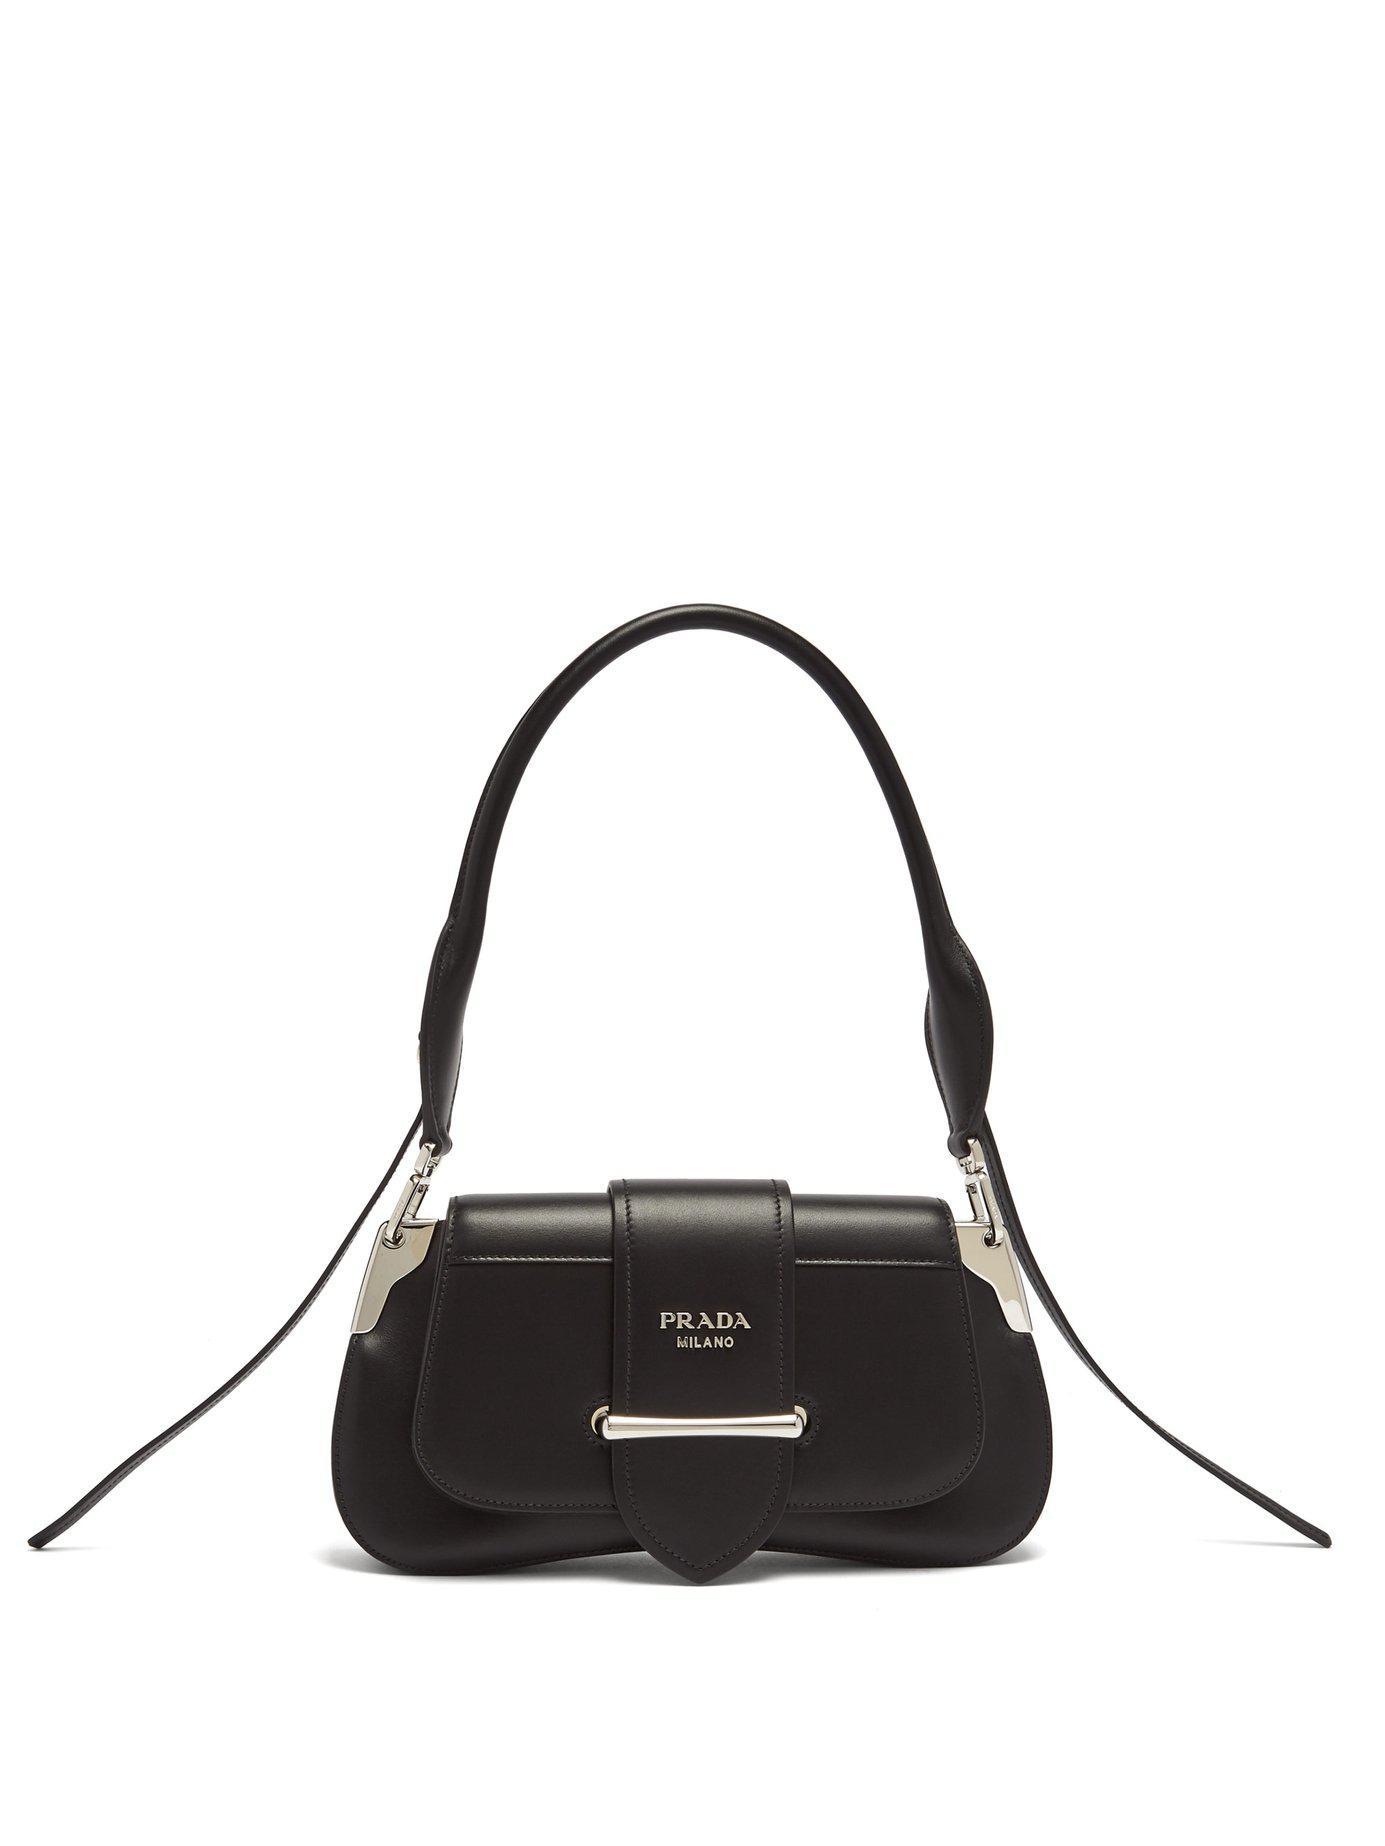 7a8e3ec7bec21f Prada Sidonie Leather Shoulder Bag in Black - Lyst